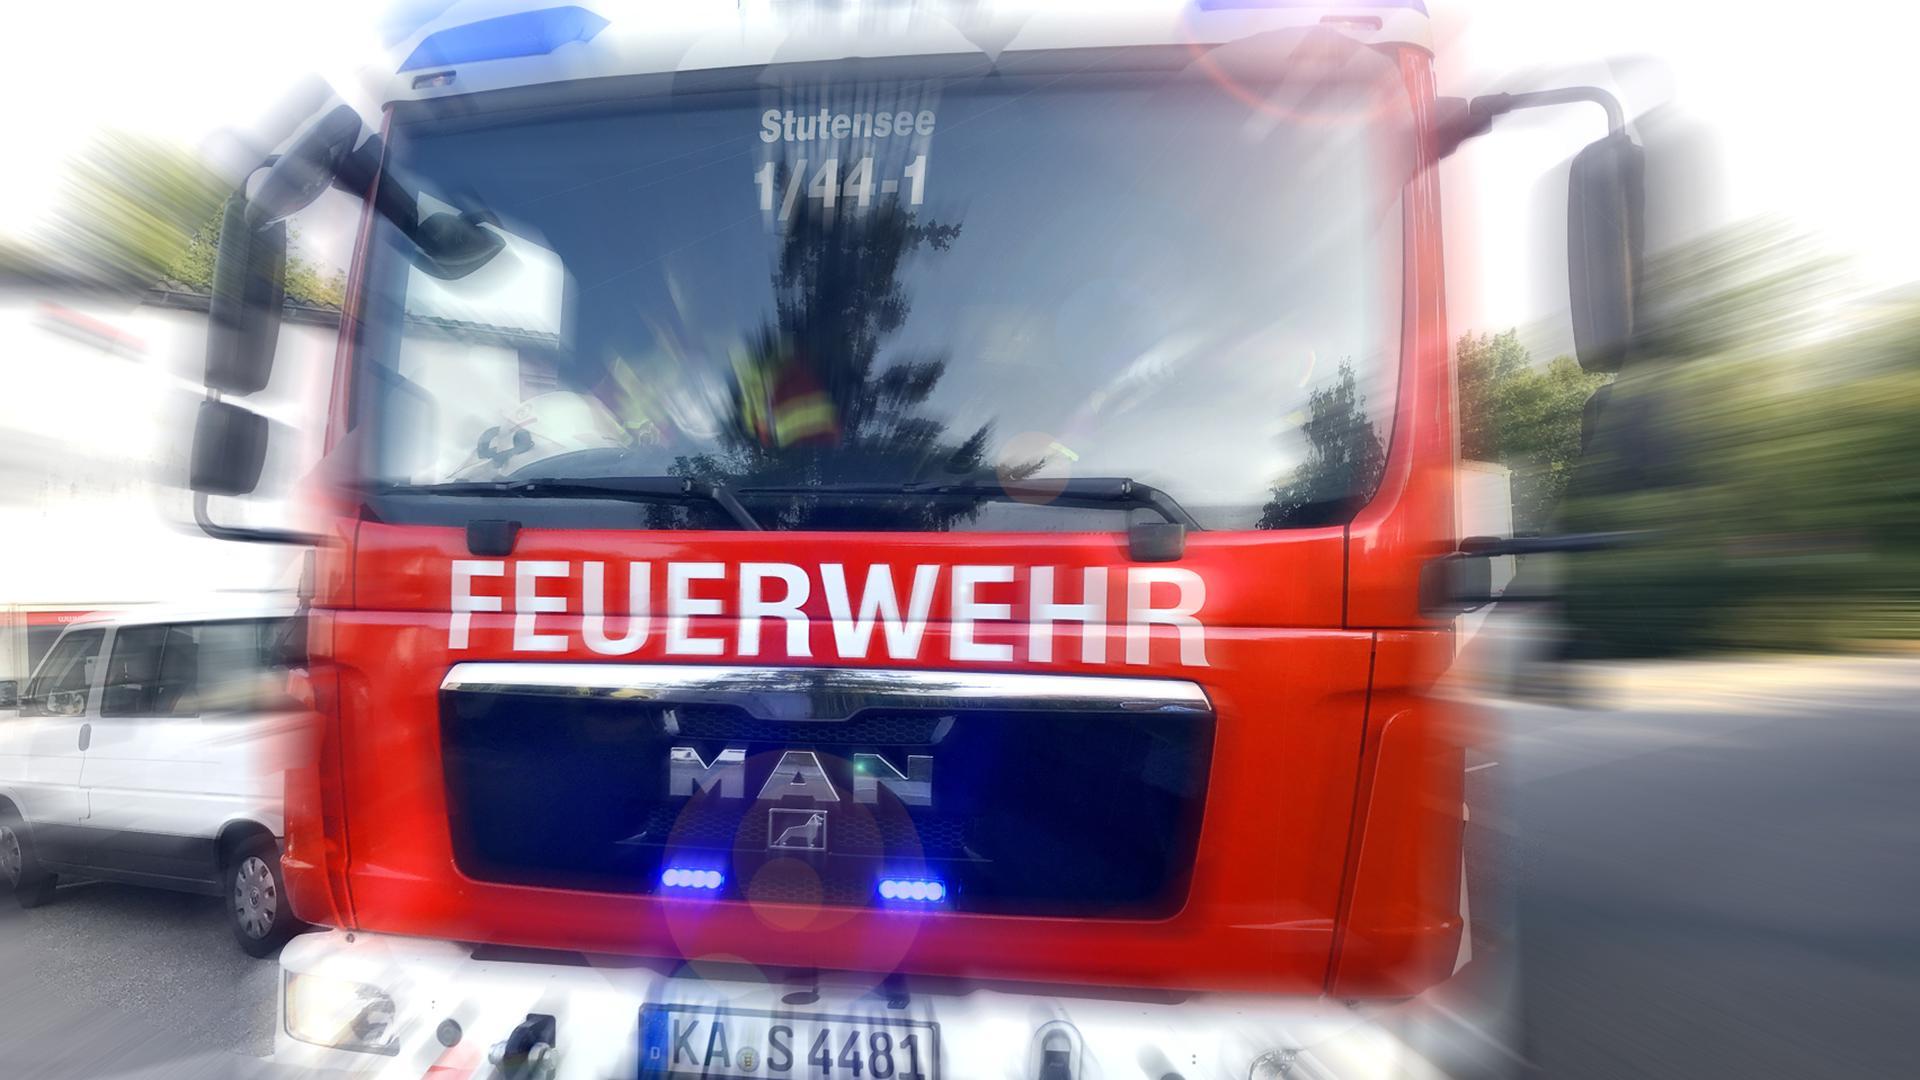 Ein Feuerwehrwagen steht auf der Straße (Symbolbild).